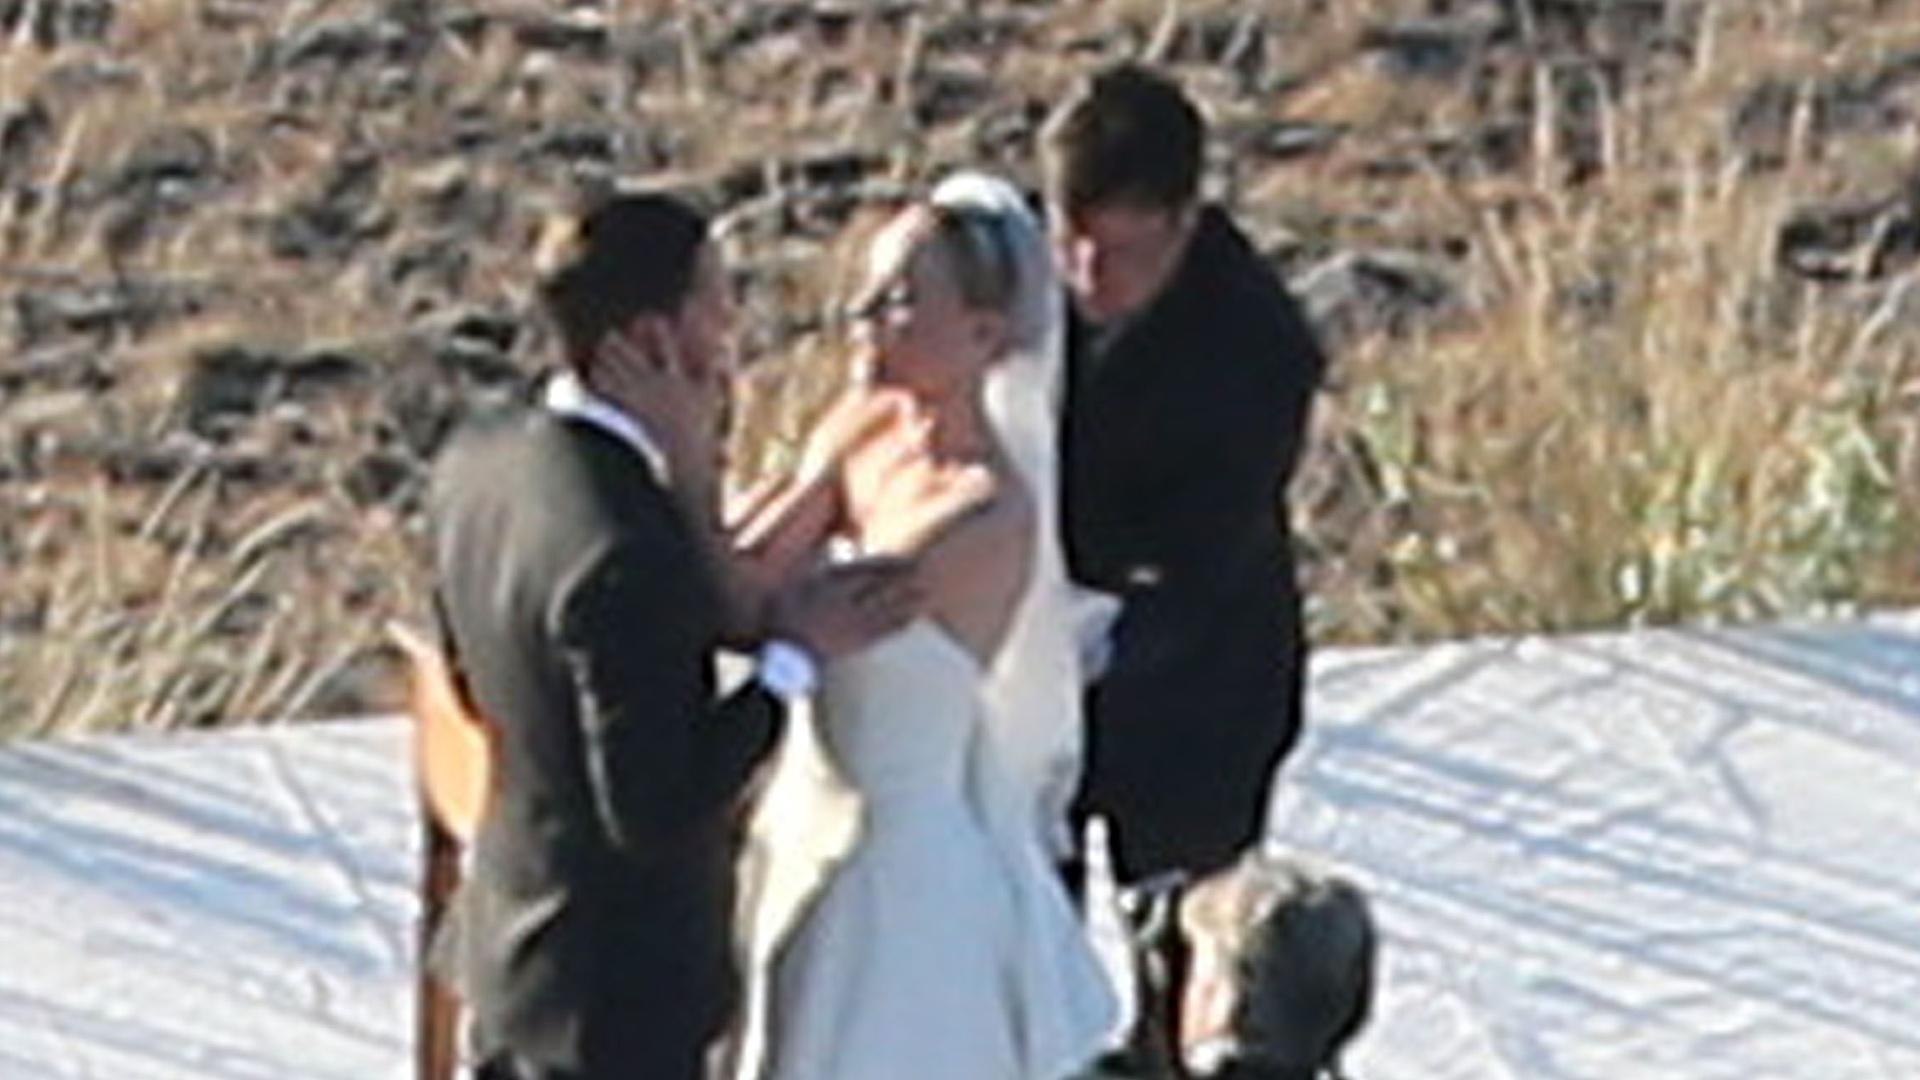 31.ago.2013 - A atriz Kate Bosworth se casa com o cineasta Michael Polish em um rancho no estado norte-americano de Montana. Ela usou um vestido do estilista Oscar de La Renta que tinha uma cauda de quase 2,5 metros e sapatos na cor mármore, com cristais encrustados